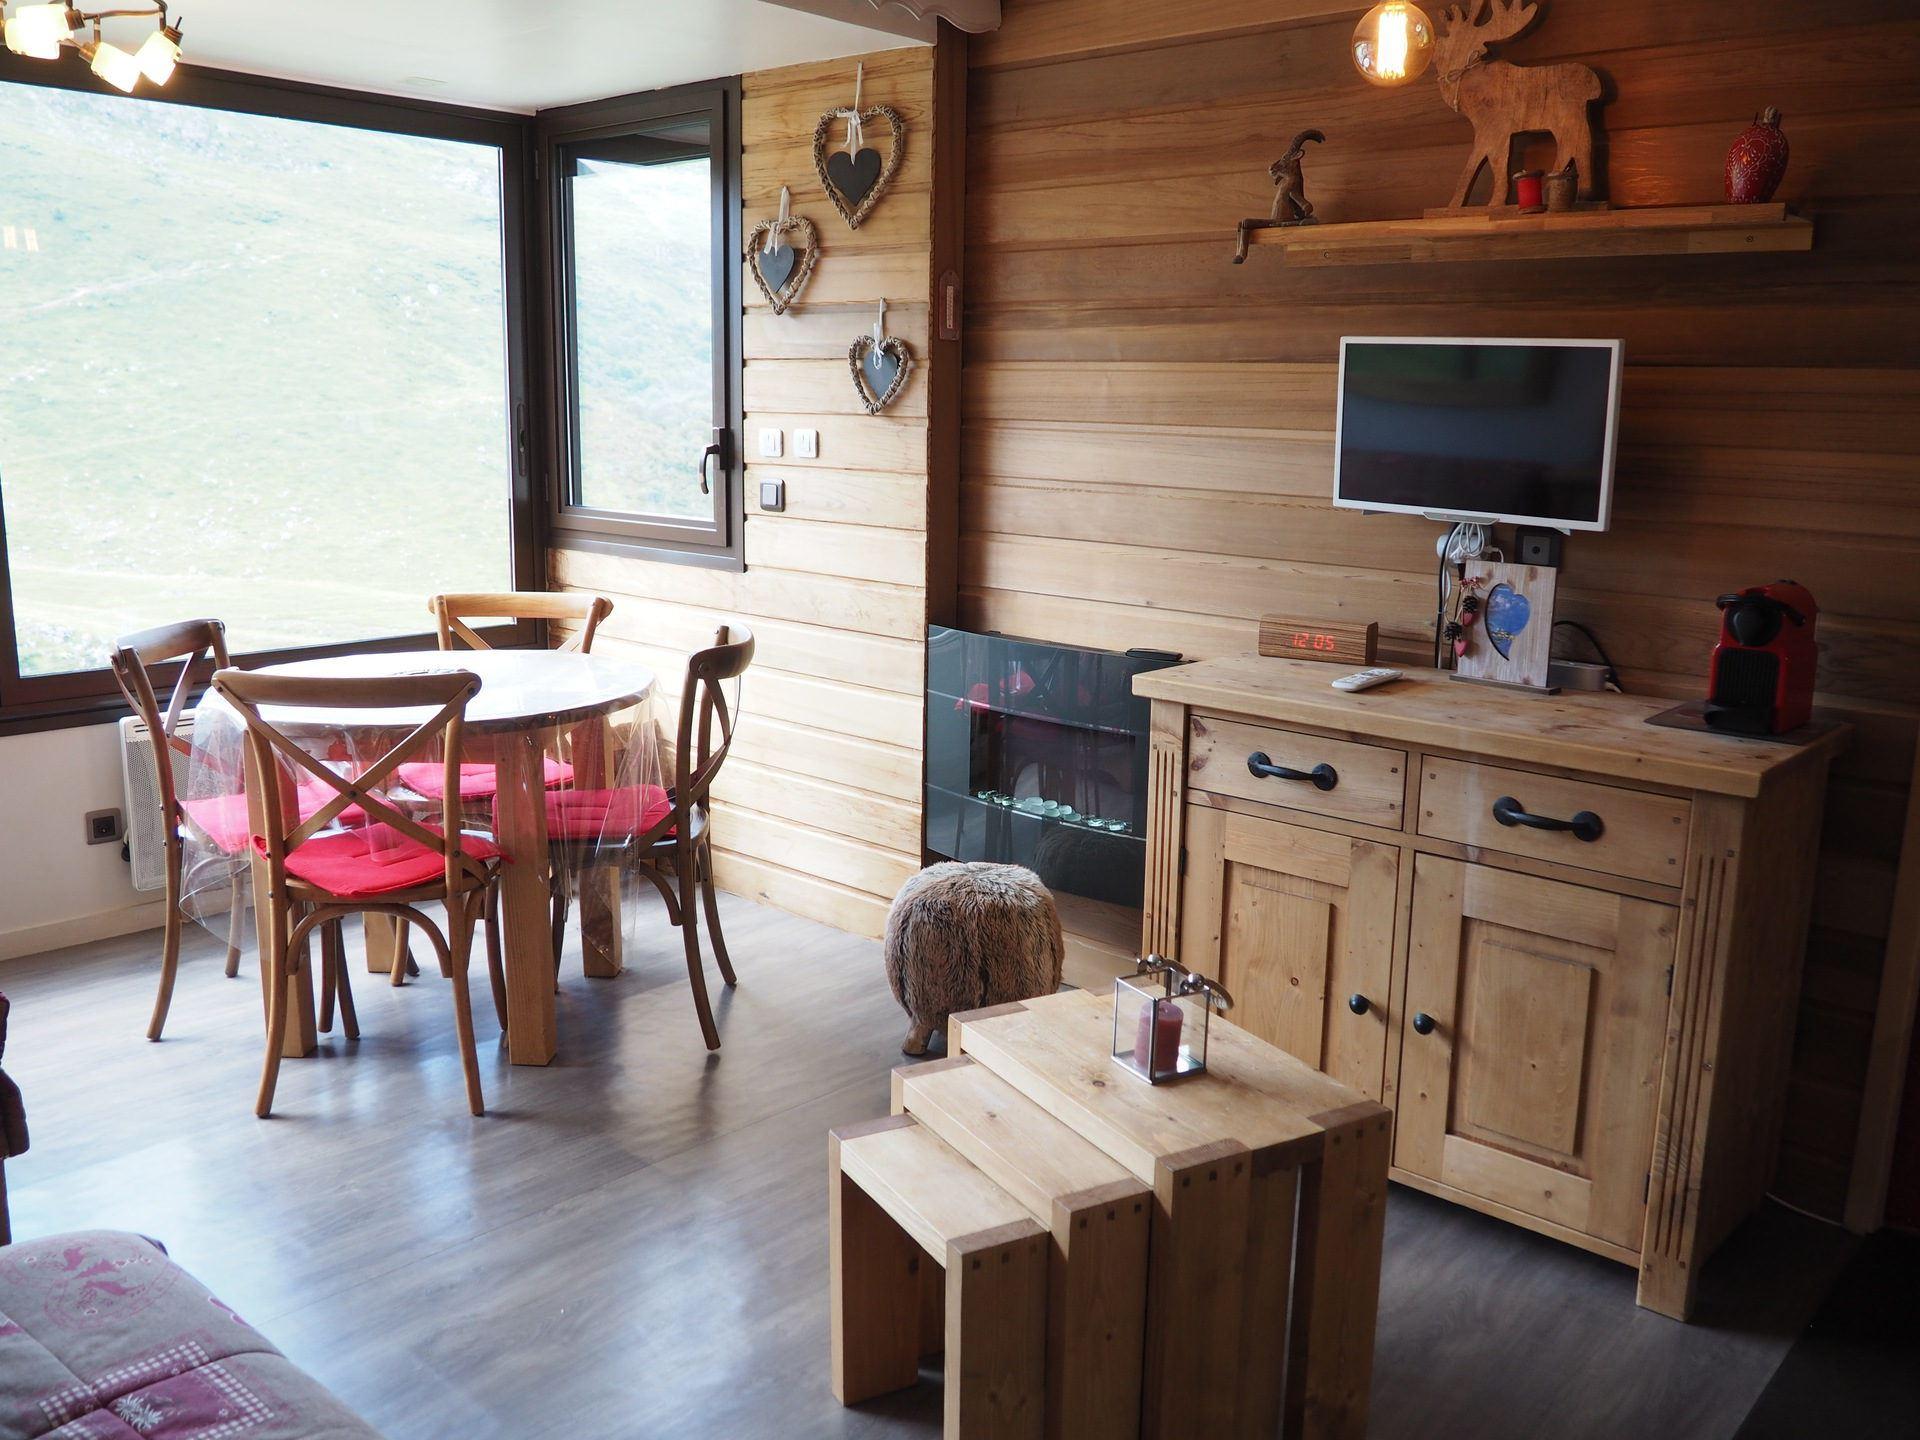 4 Pers Studio ski-in ski-out / BIELLAZ 54